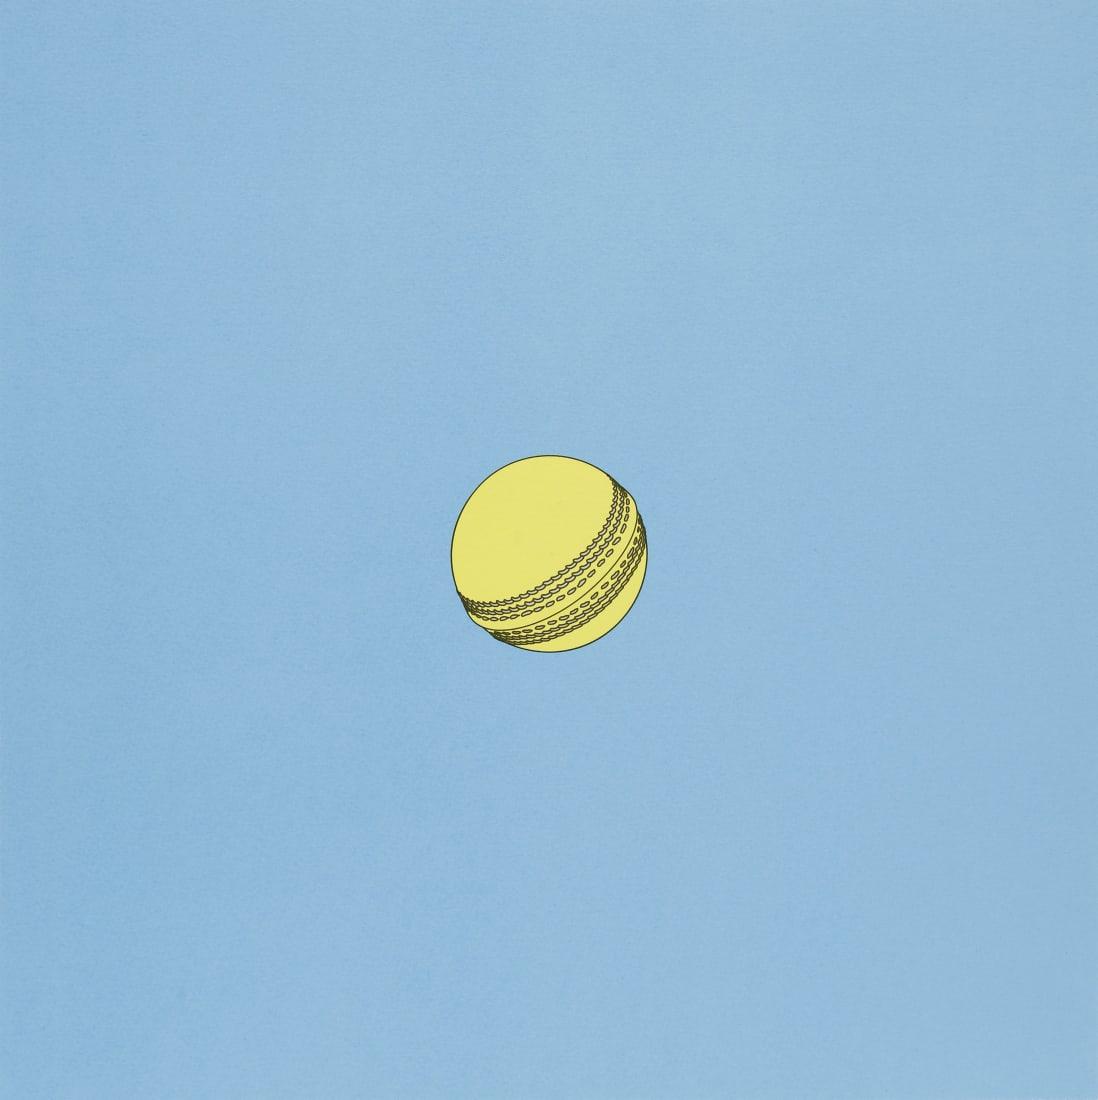 """<span class=""""artist""""><strong>Michael Craig-Martin</strong></span>, <span class=""""title""""><em>Cricket ball</em>, 2019</span>"""